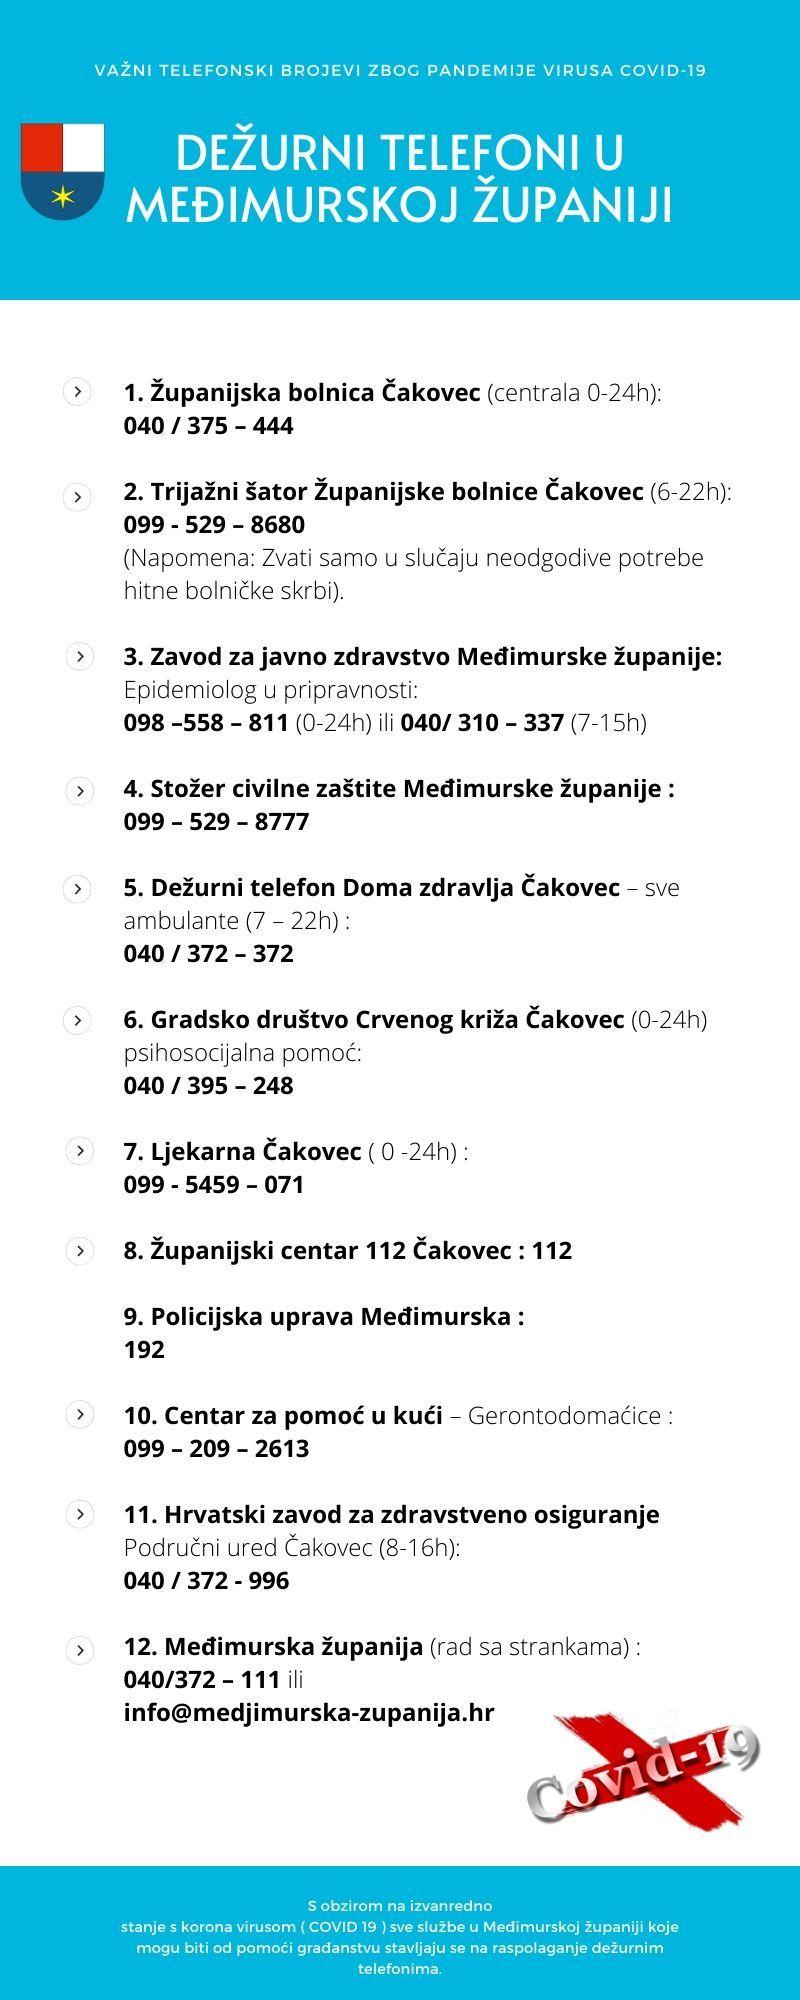 Dežurni telefoni u Međimurskoj županiji (5)